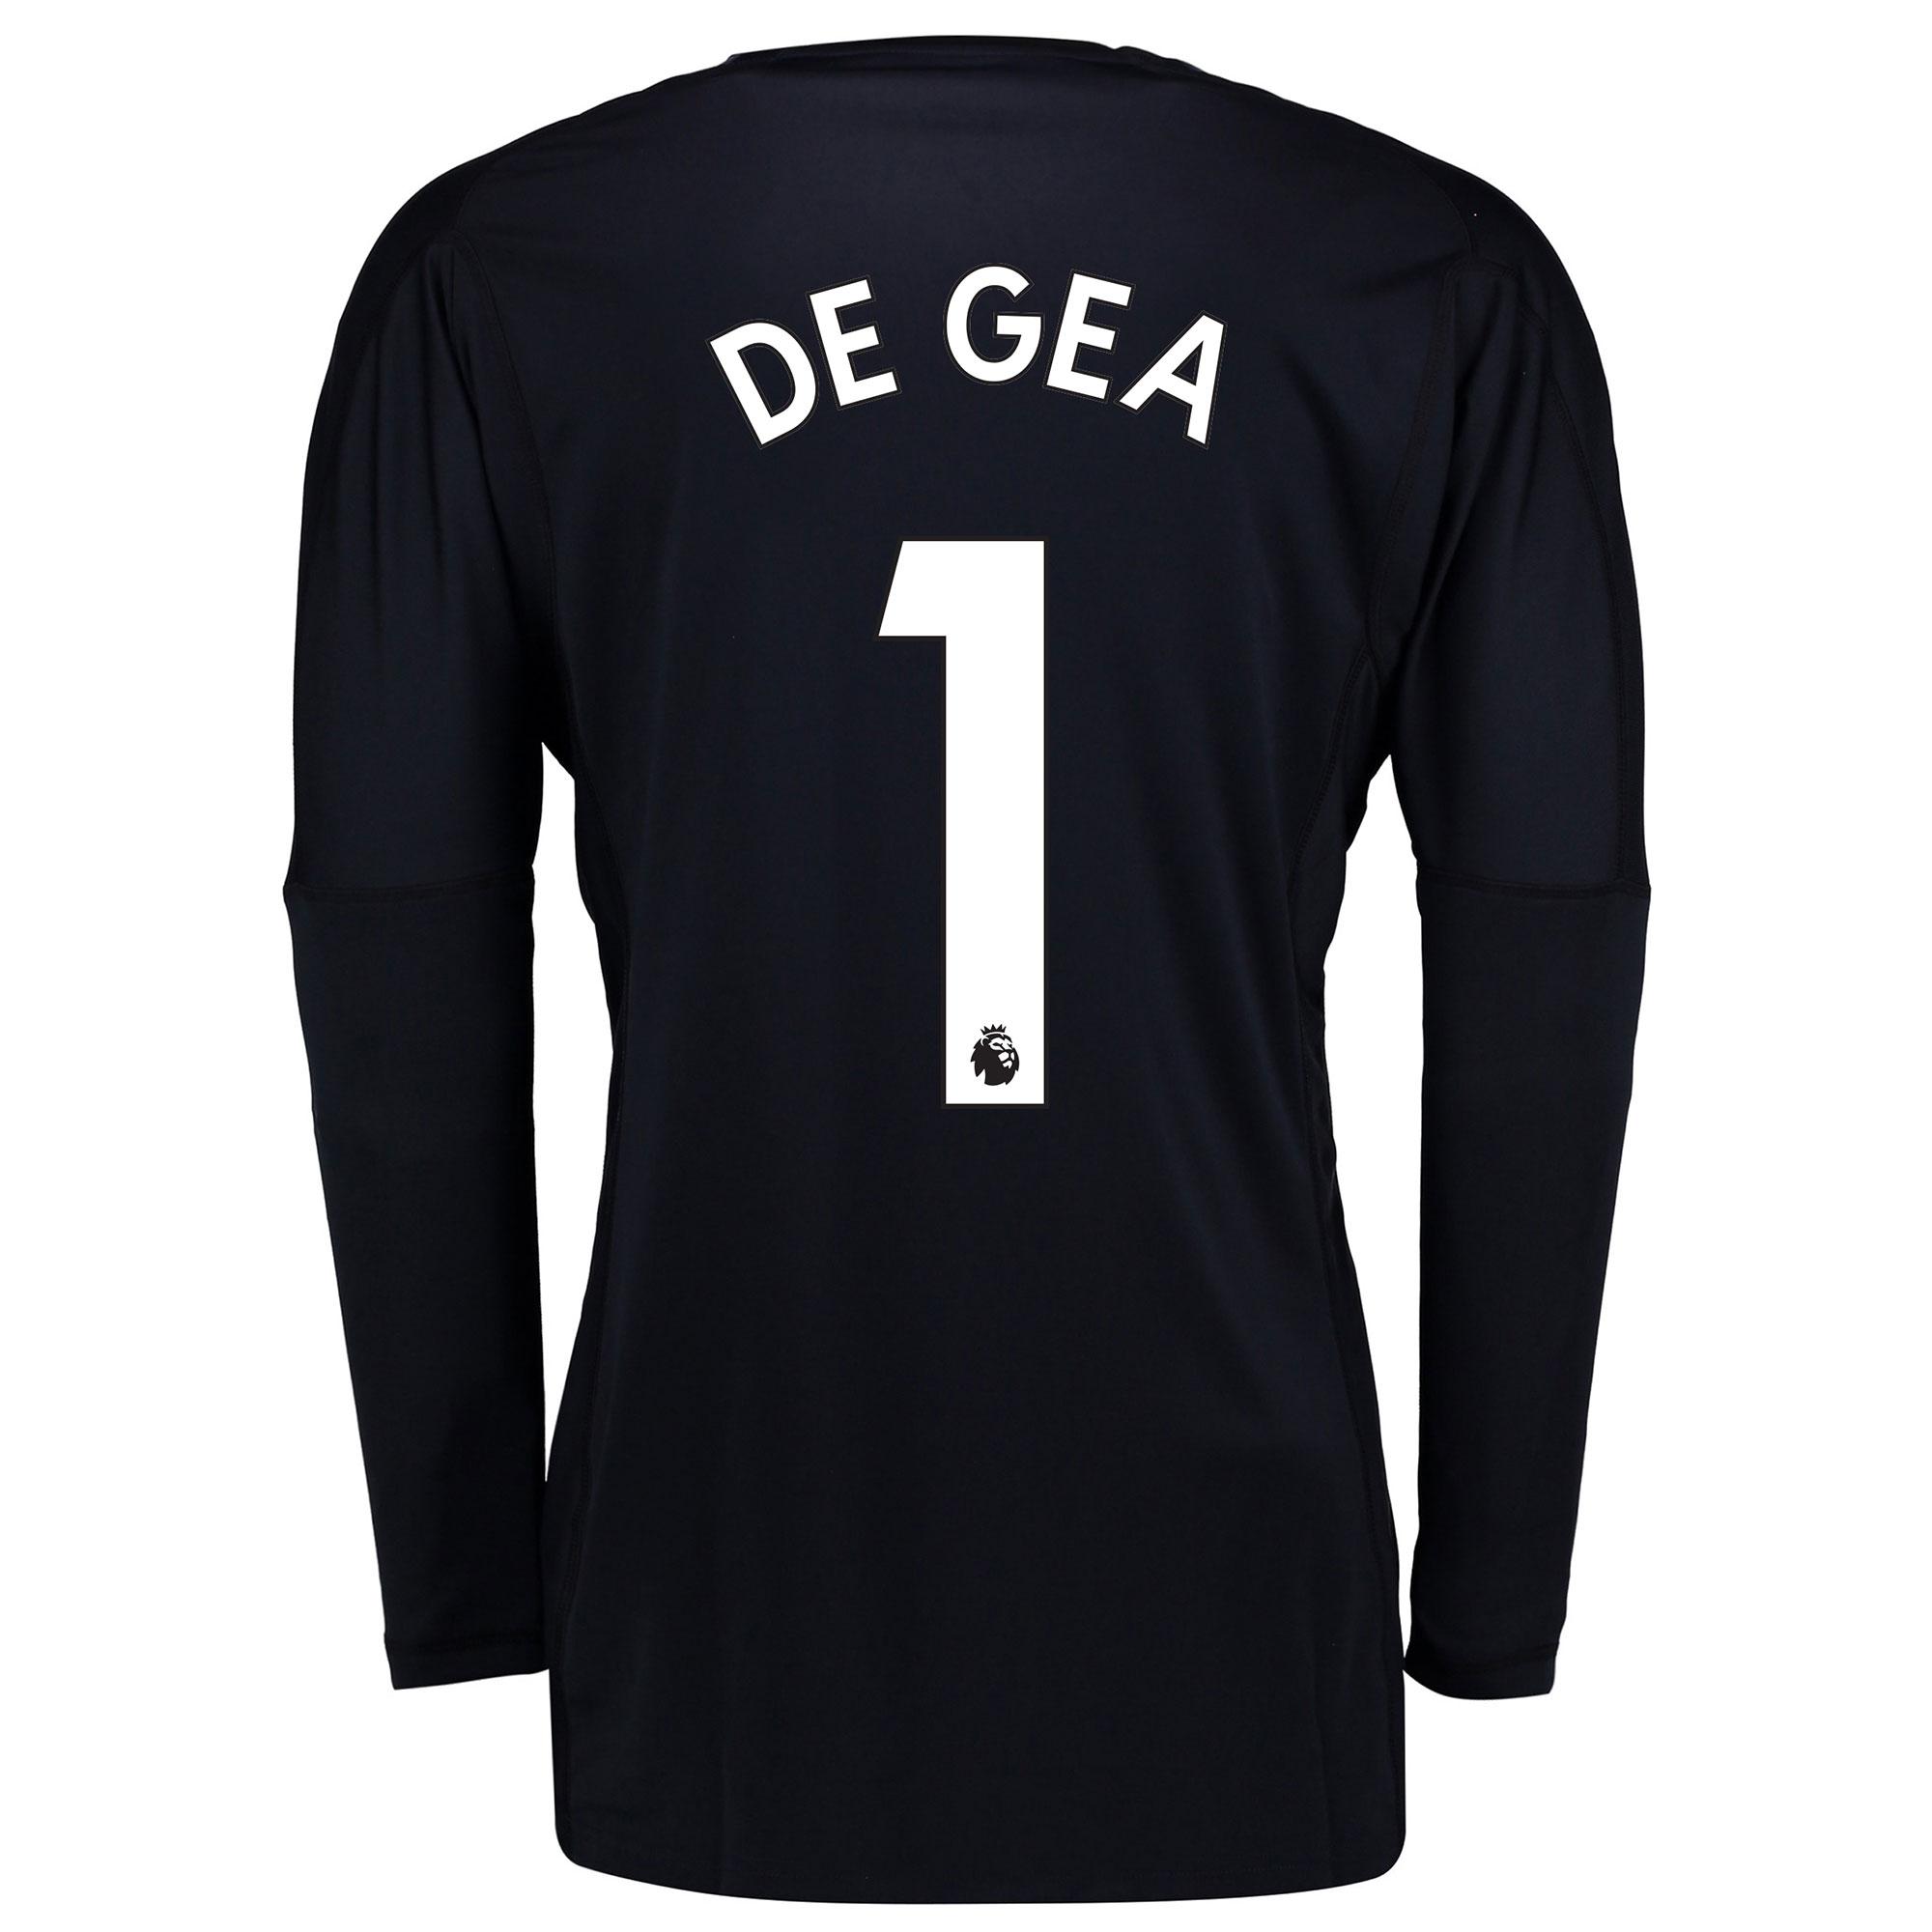 Manchester United Home Goalkeeper Shirt 2017-18 - Kids with De Gea 1 p